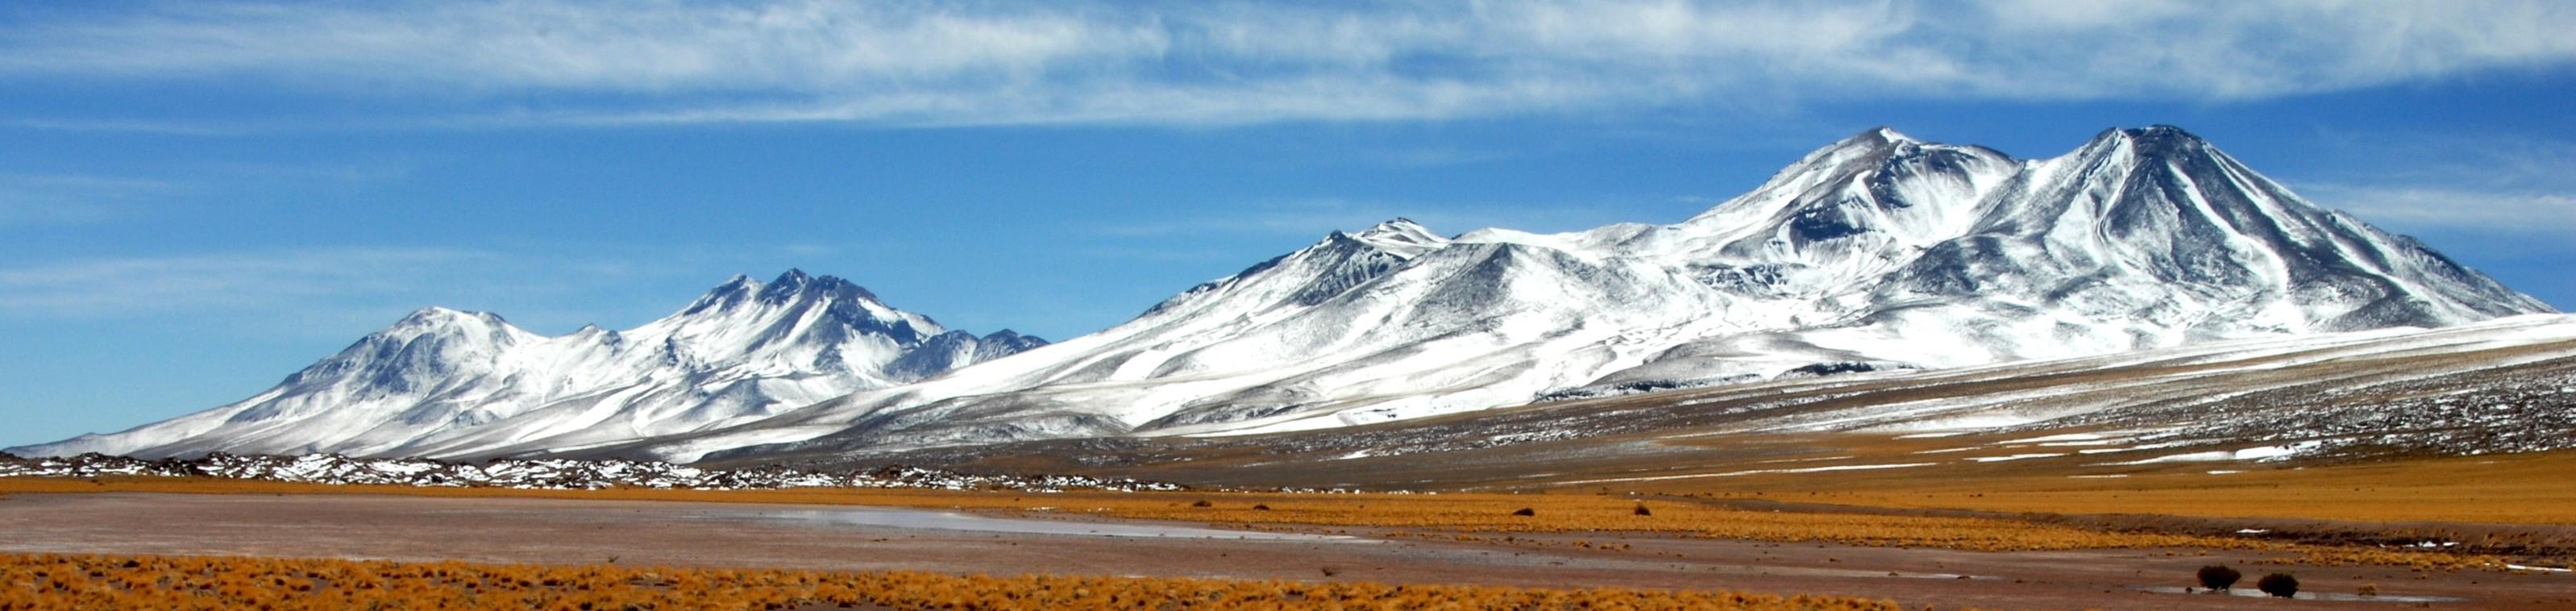 Begeleide rondreis Chili